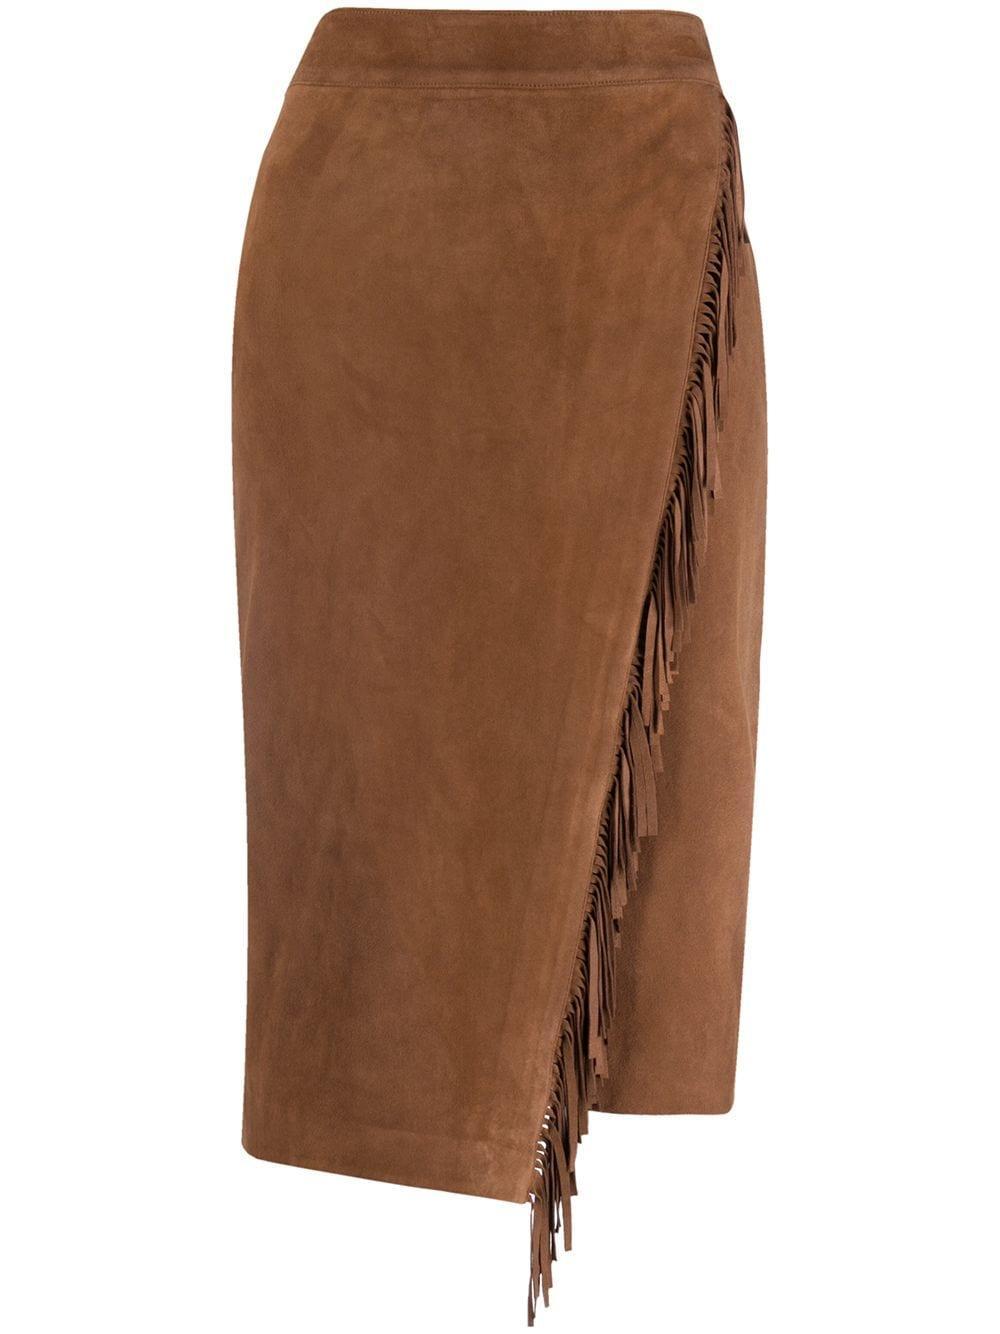 Sanoe Fringe Suede Skirt Item # 2009LT0133319